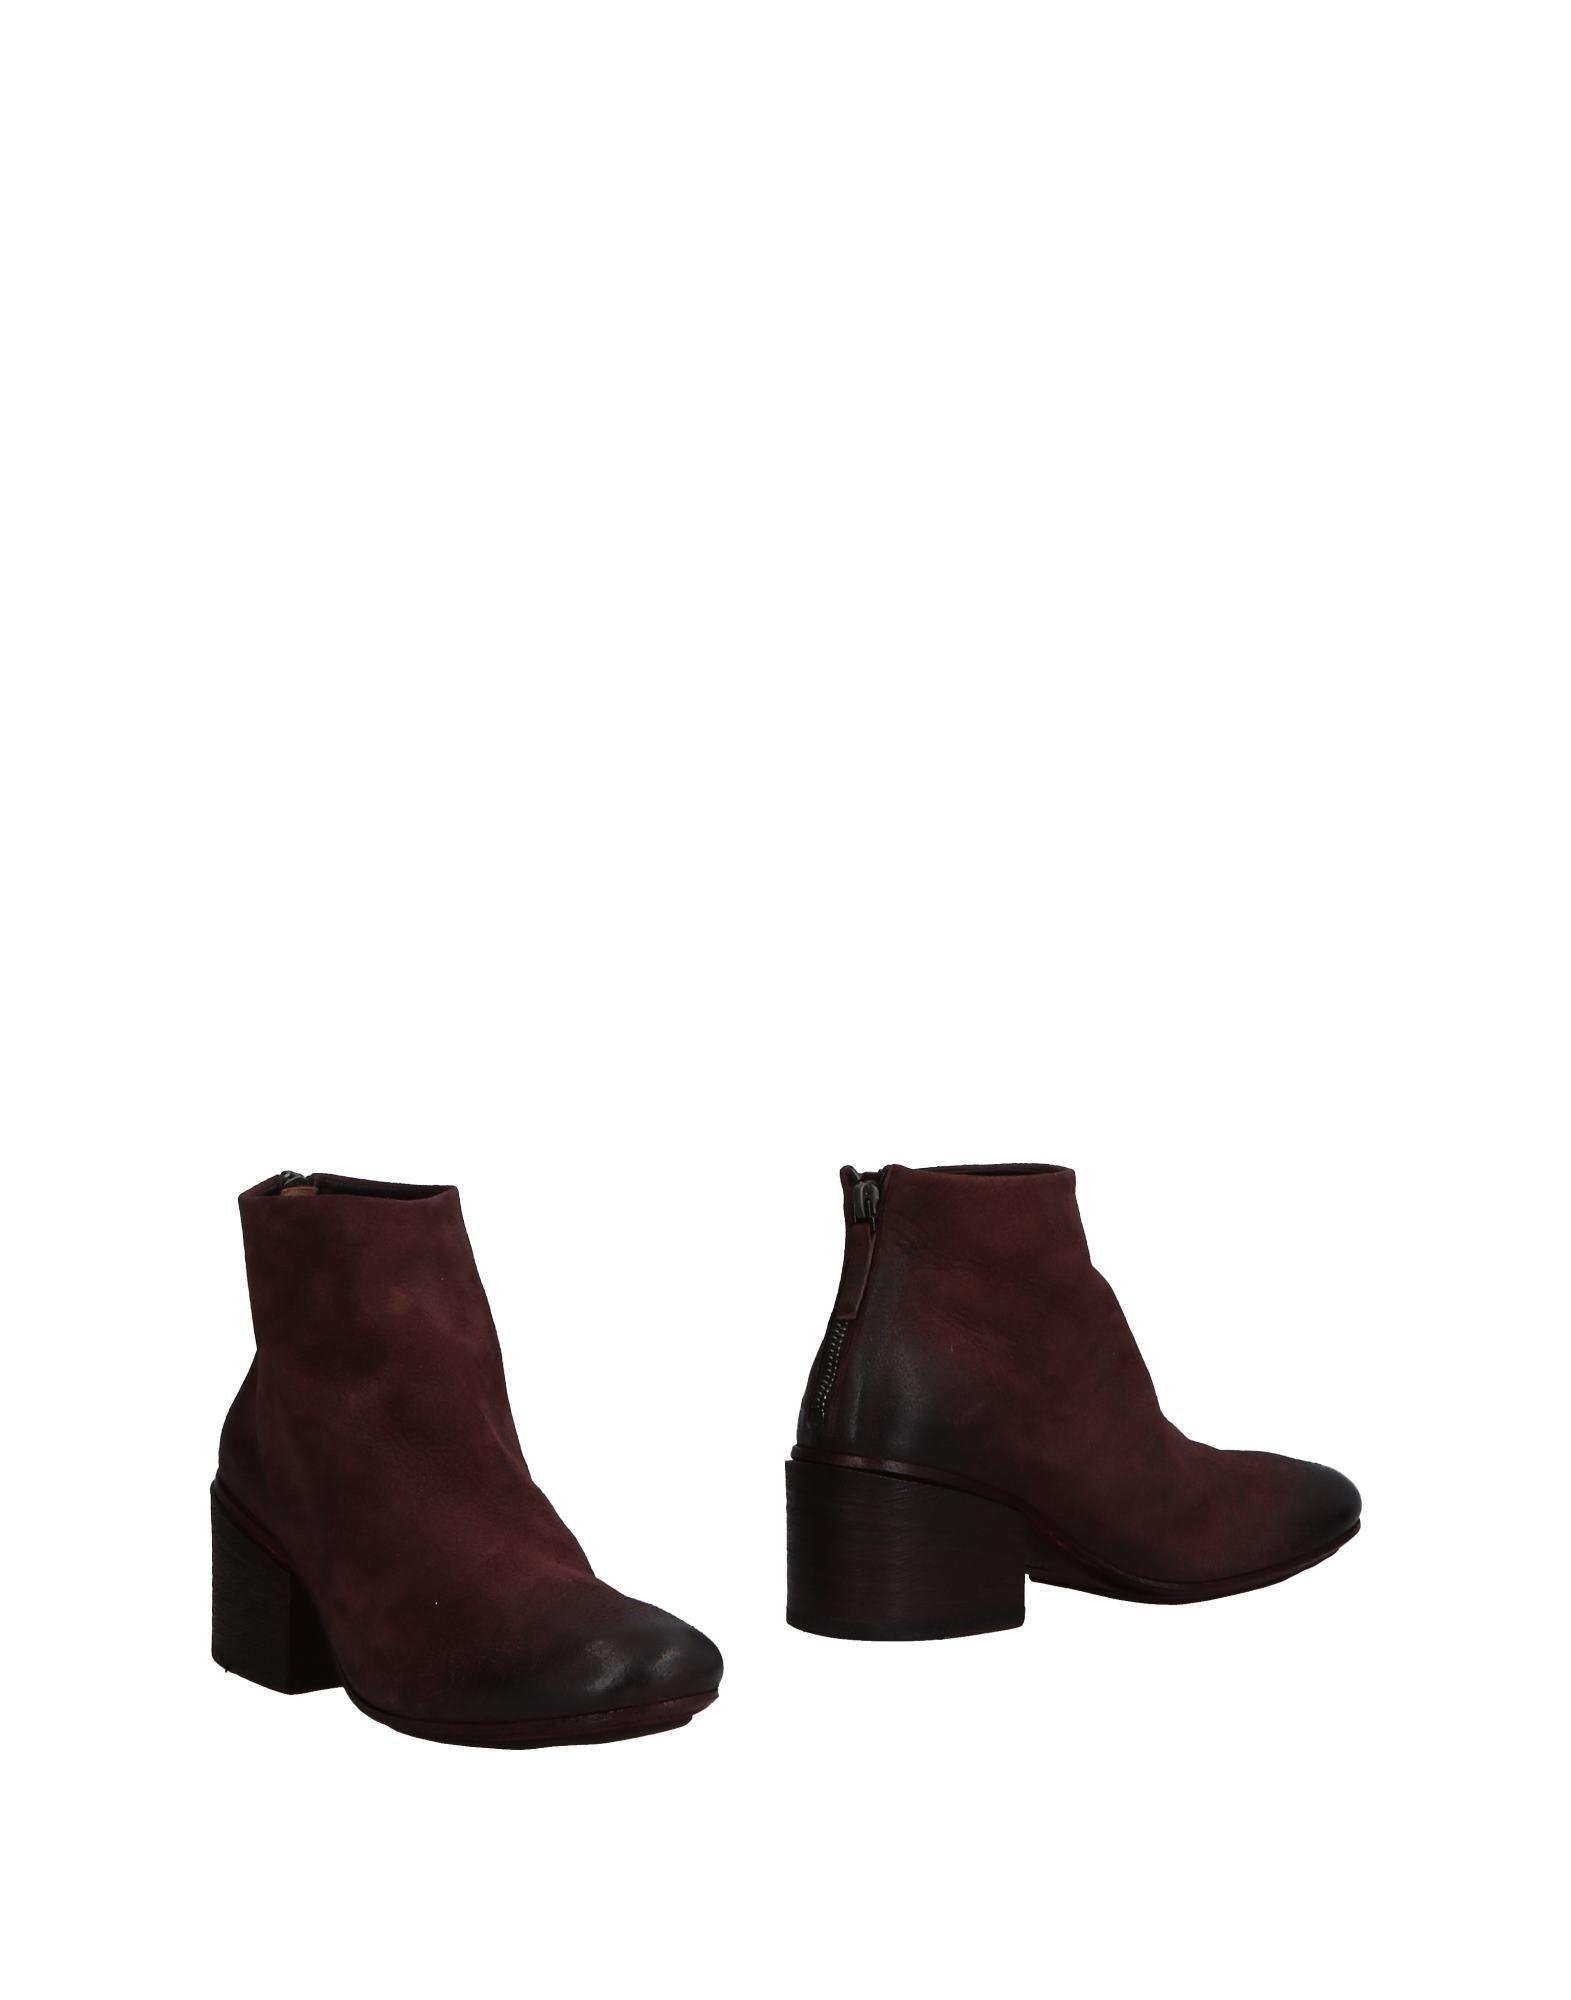 Marsèll Stiefelette Damen gut  11505425XGGünstige gut Damen aussehende Schuhe 6506f0